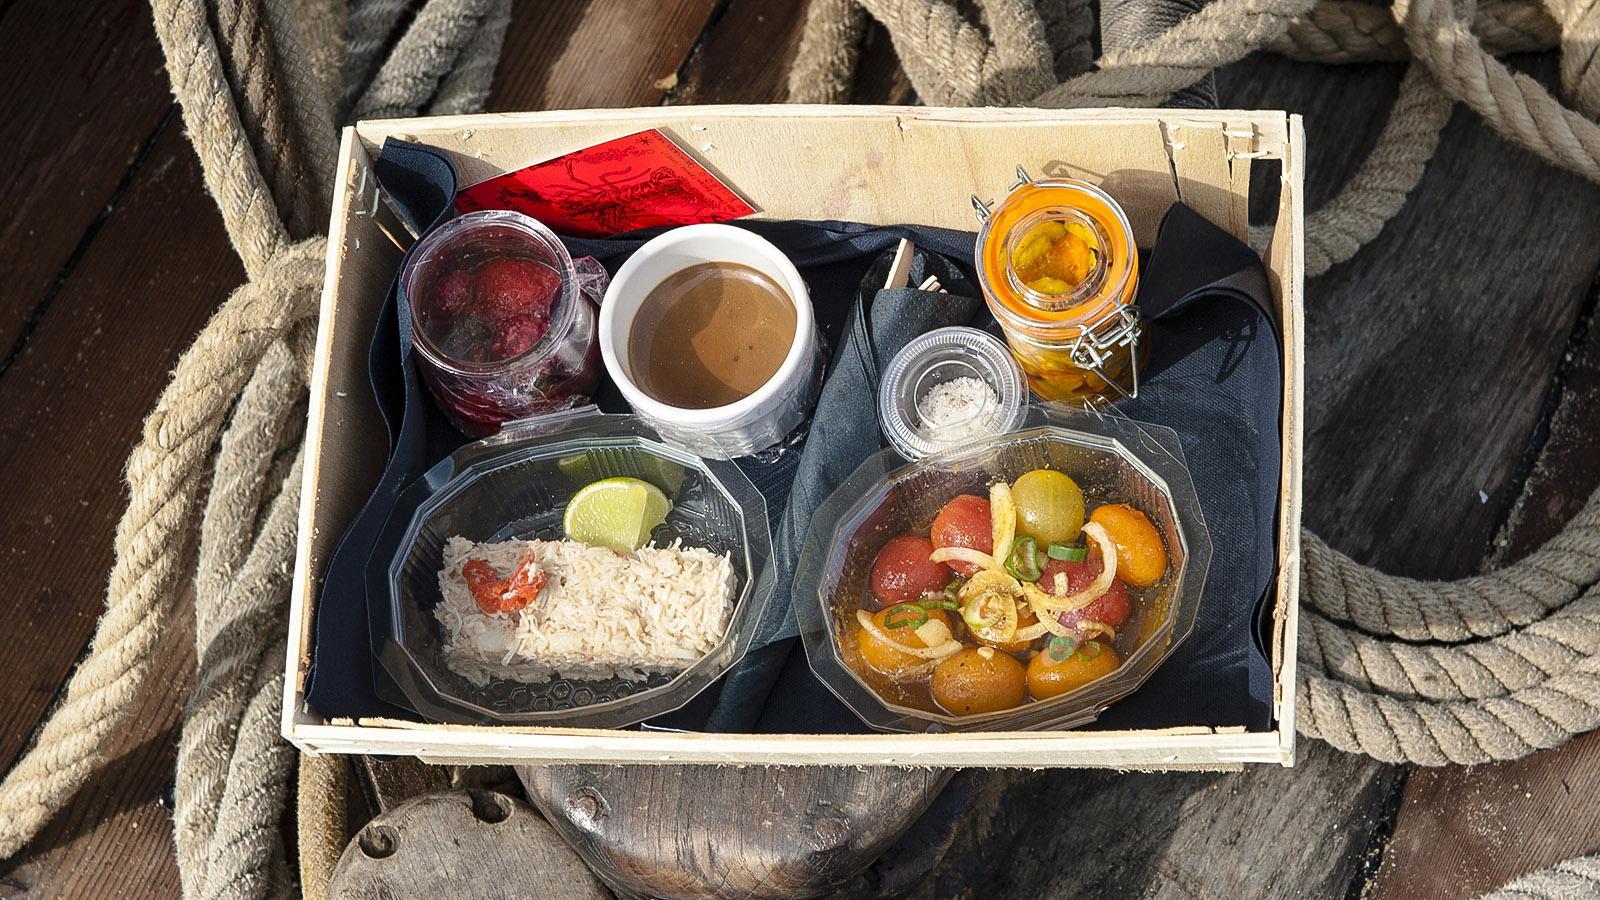 Cuisine Corsaire: kleine Köstlichkeiten. Foto: Hilke Maunder